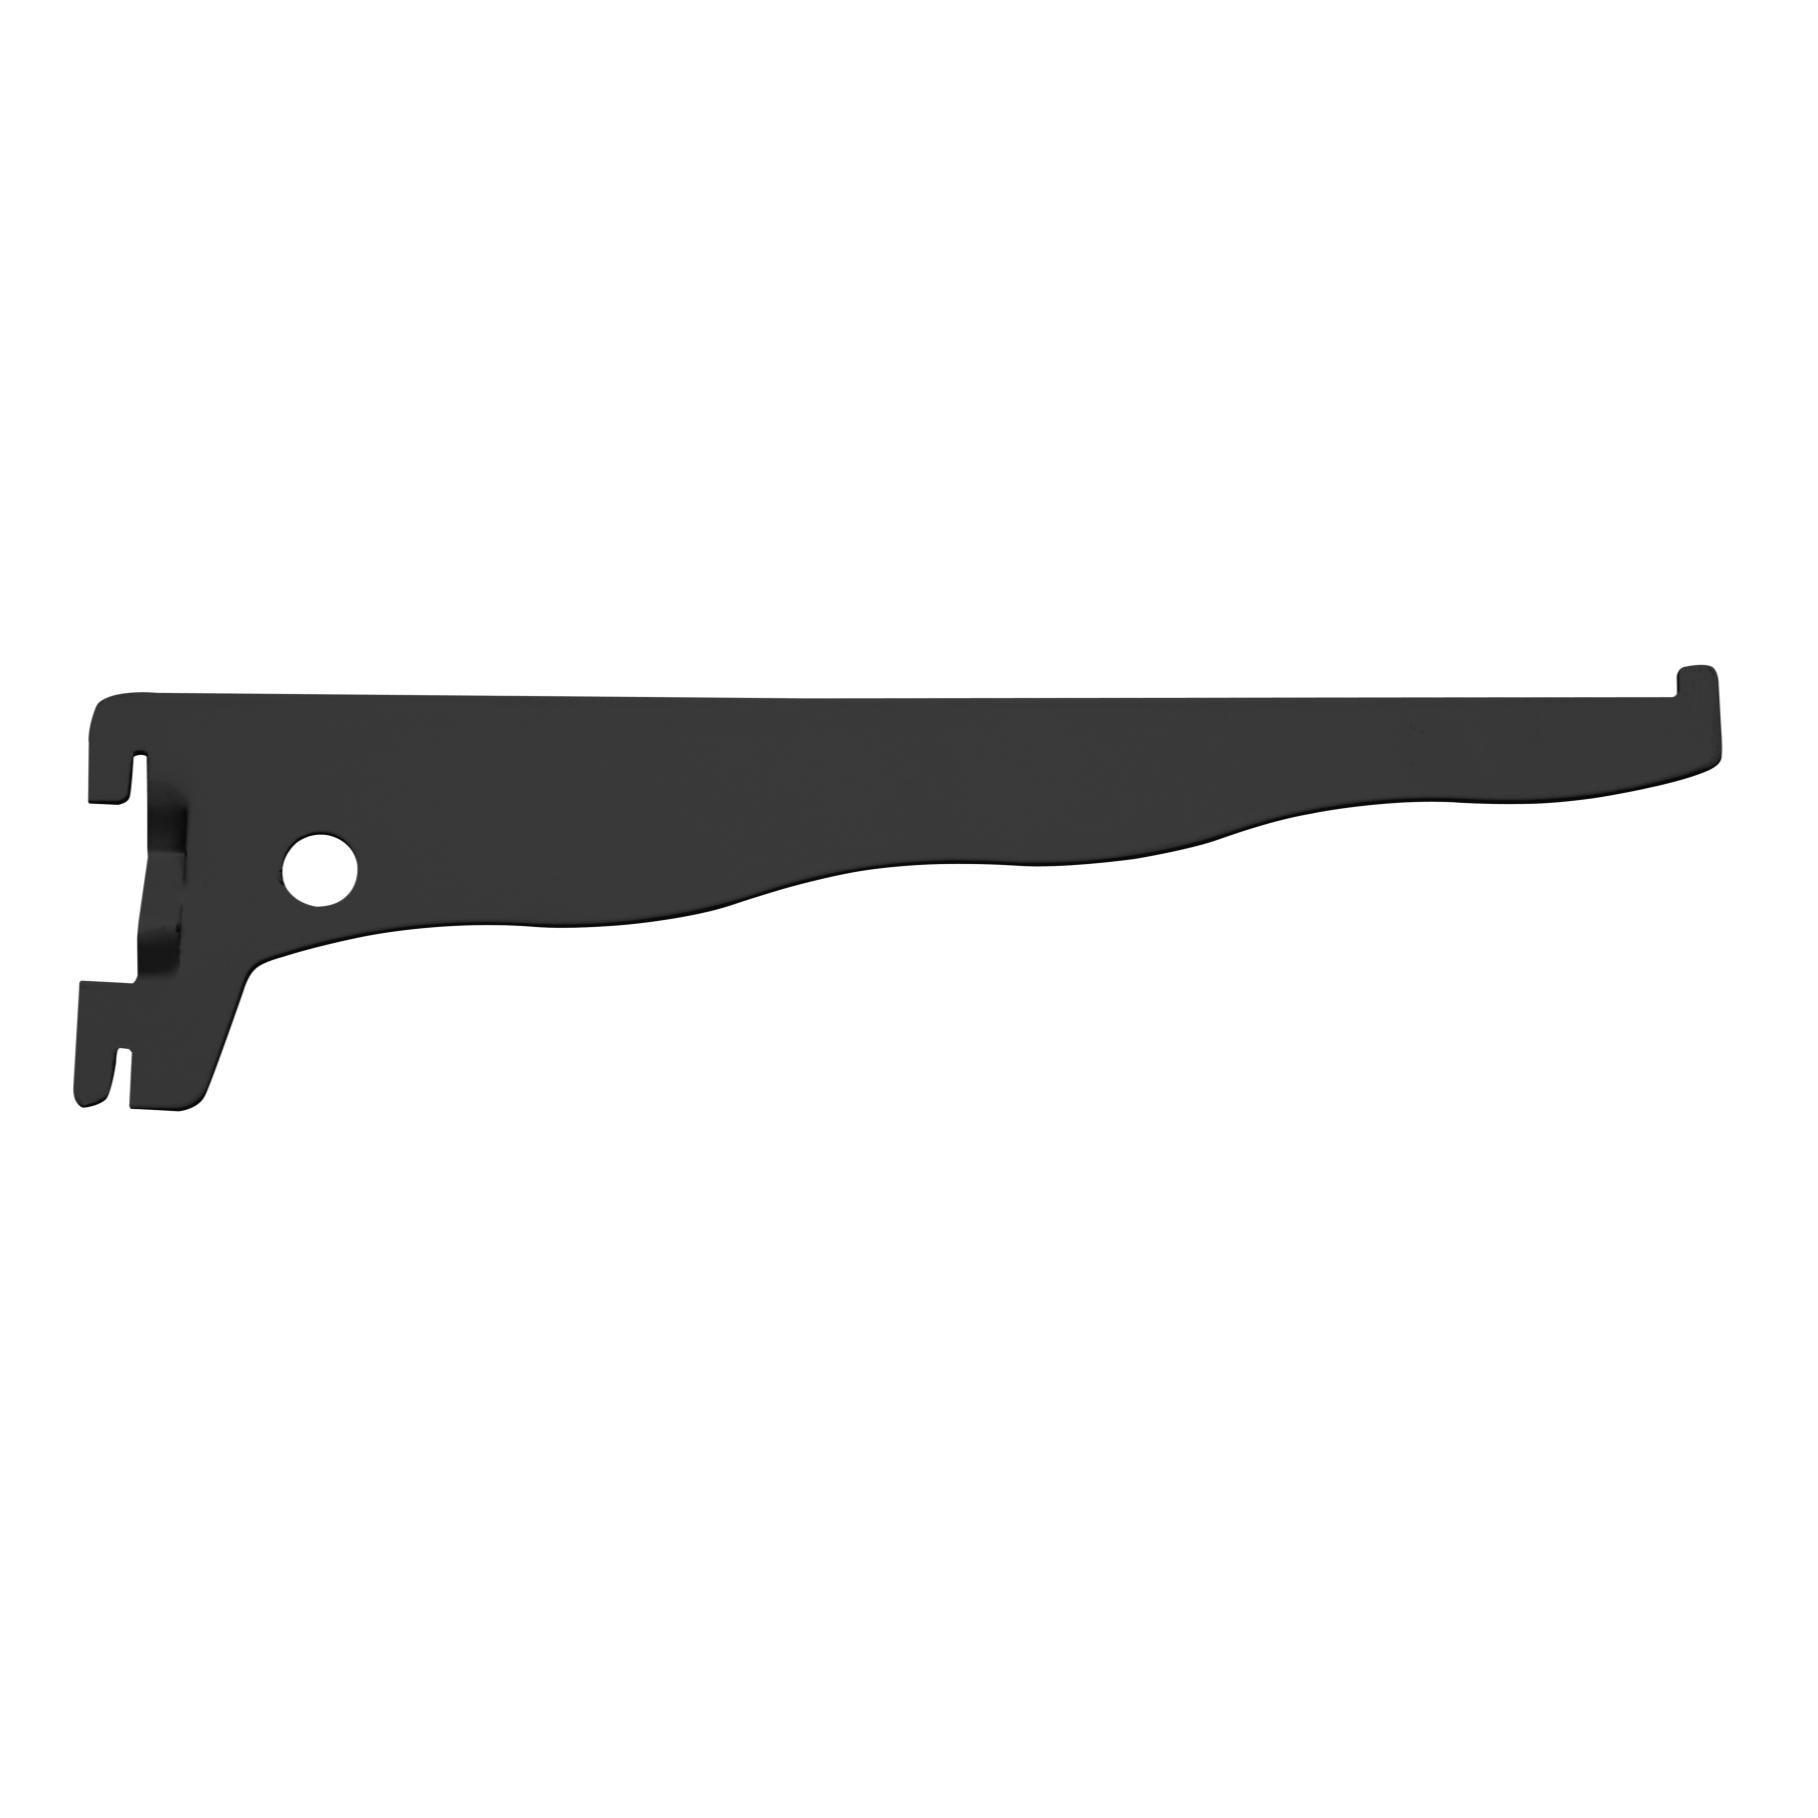 Suporte para Trilho de Aco 30 cm Preto 030 - Prat-k